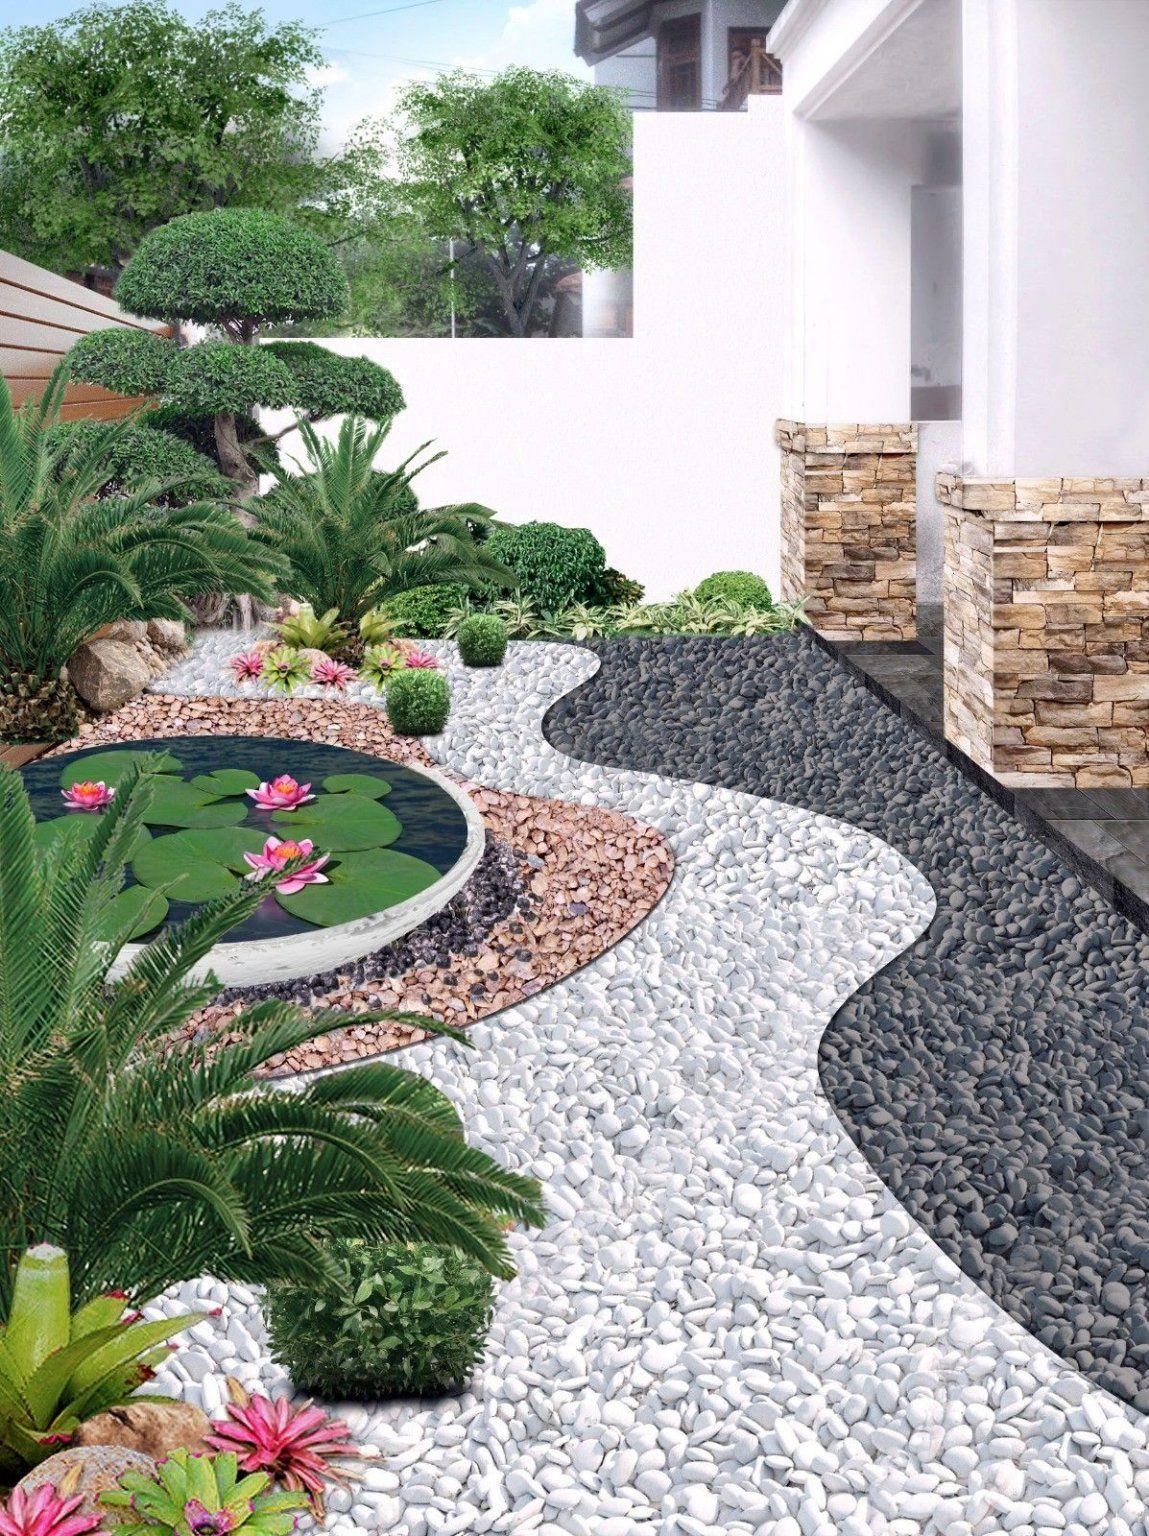 35 Super Cool Backyard Garden Ideas - Engineering Discoveries | Small  garden design, Small garden landscape, Outdoor gardens design